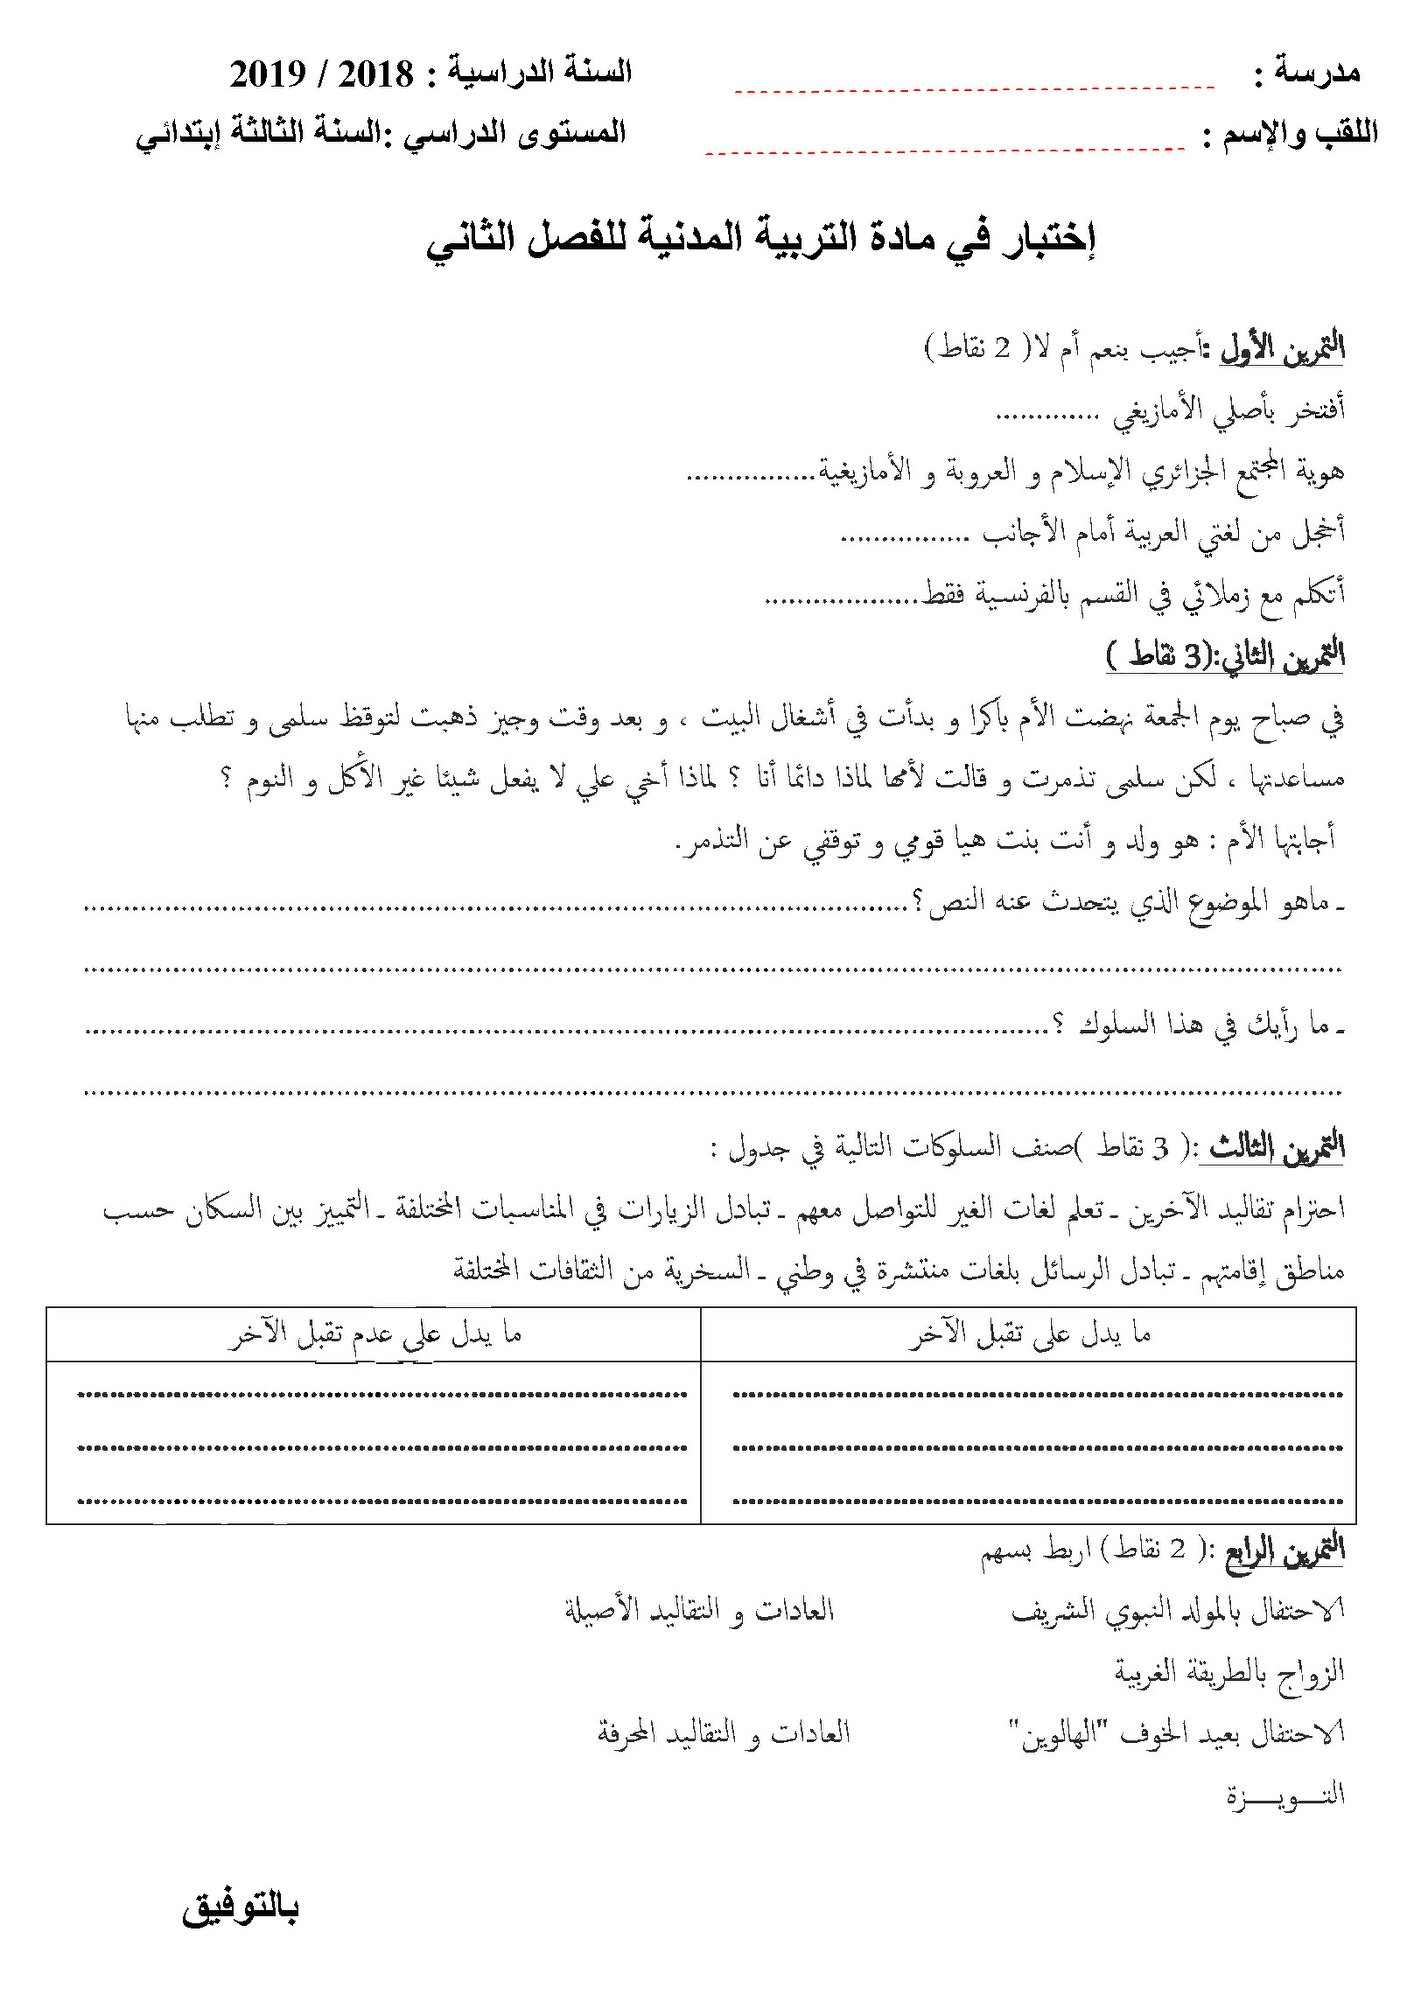 اختبار الفصل الثاني في التربية المدنية   السنة الثالثة ابتدائي   الموضوع 02